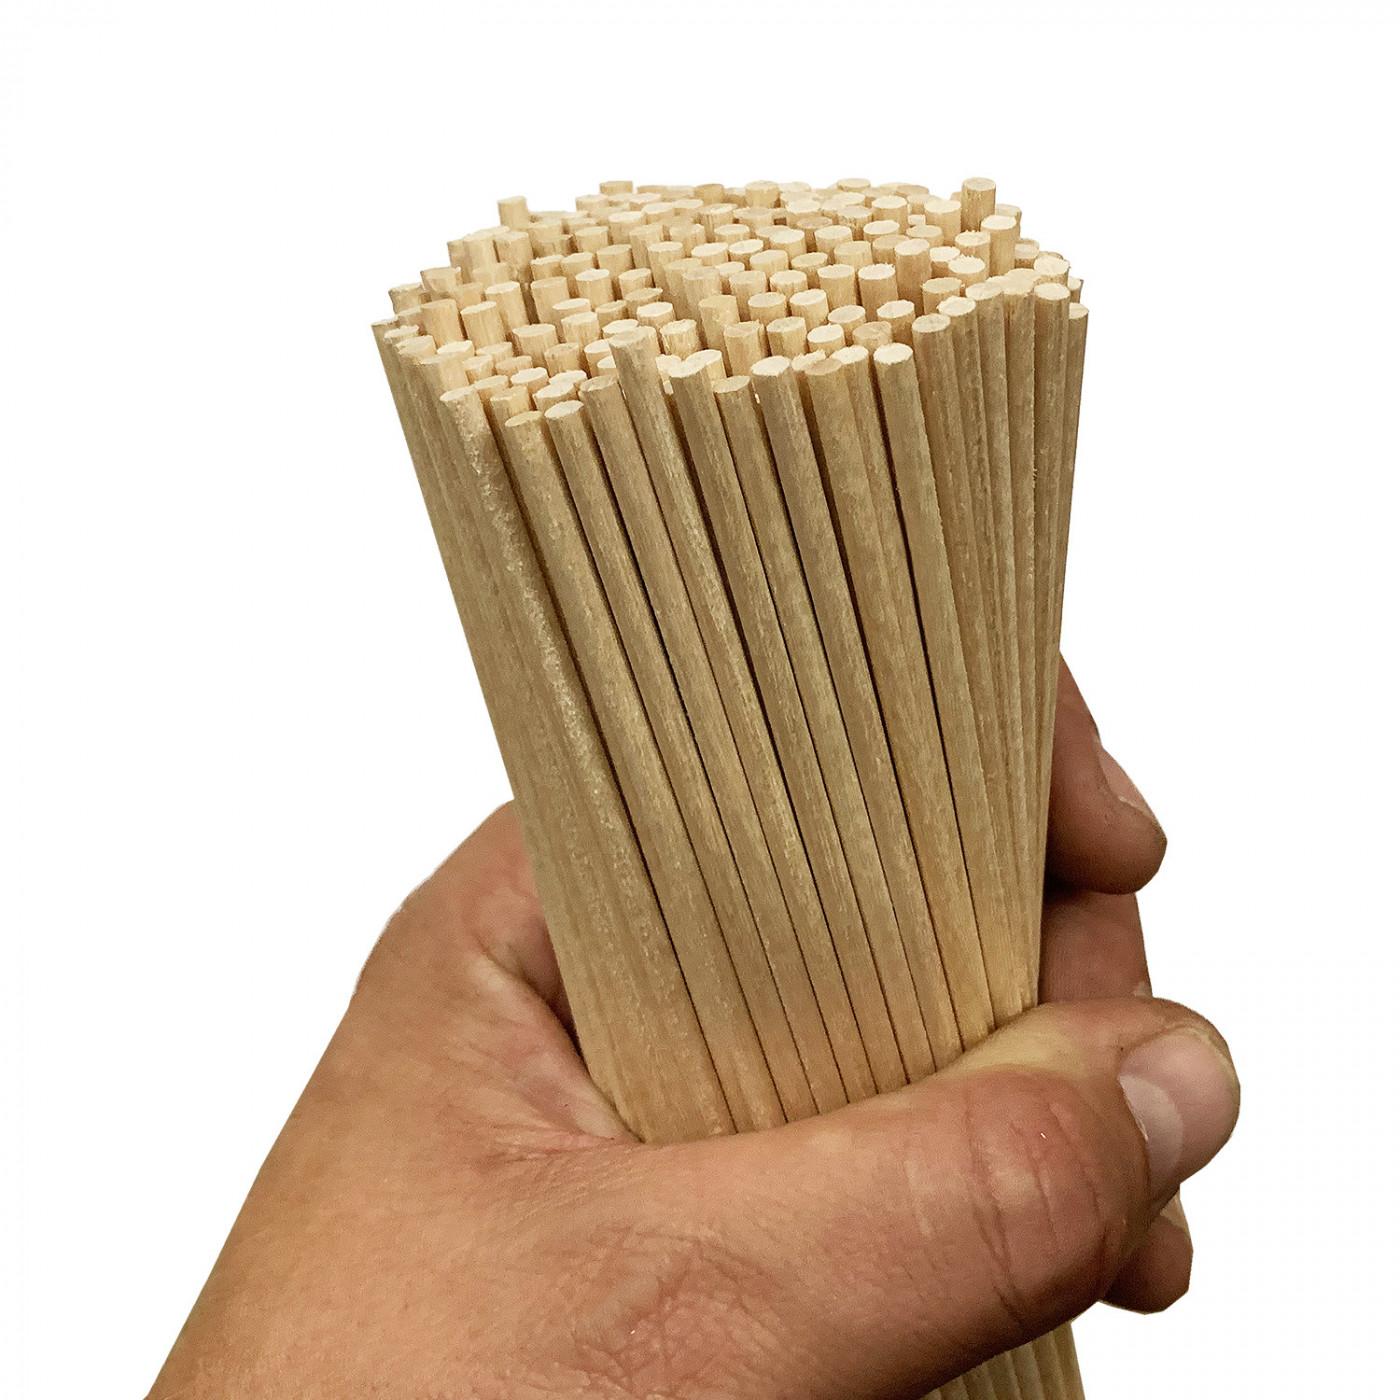 Set van 250 houten stokjes (5 mm x 20 cm, berkenhout)